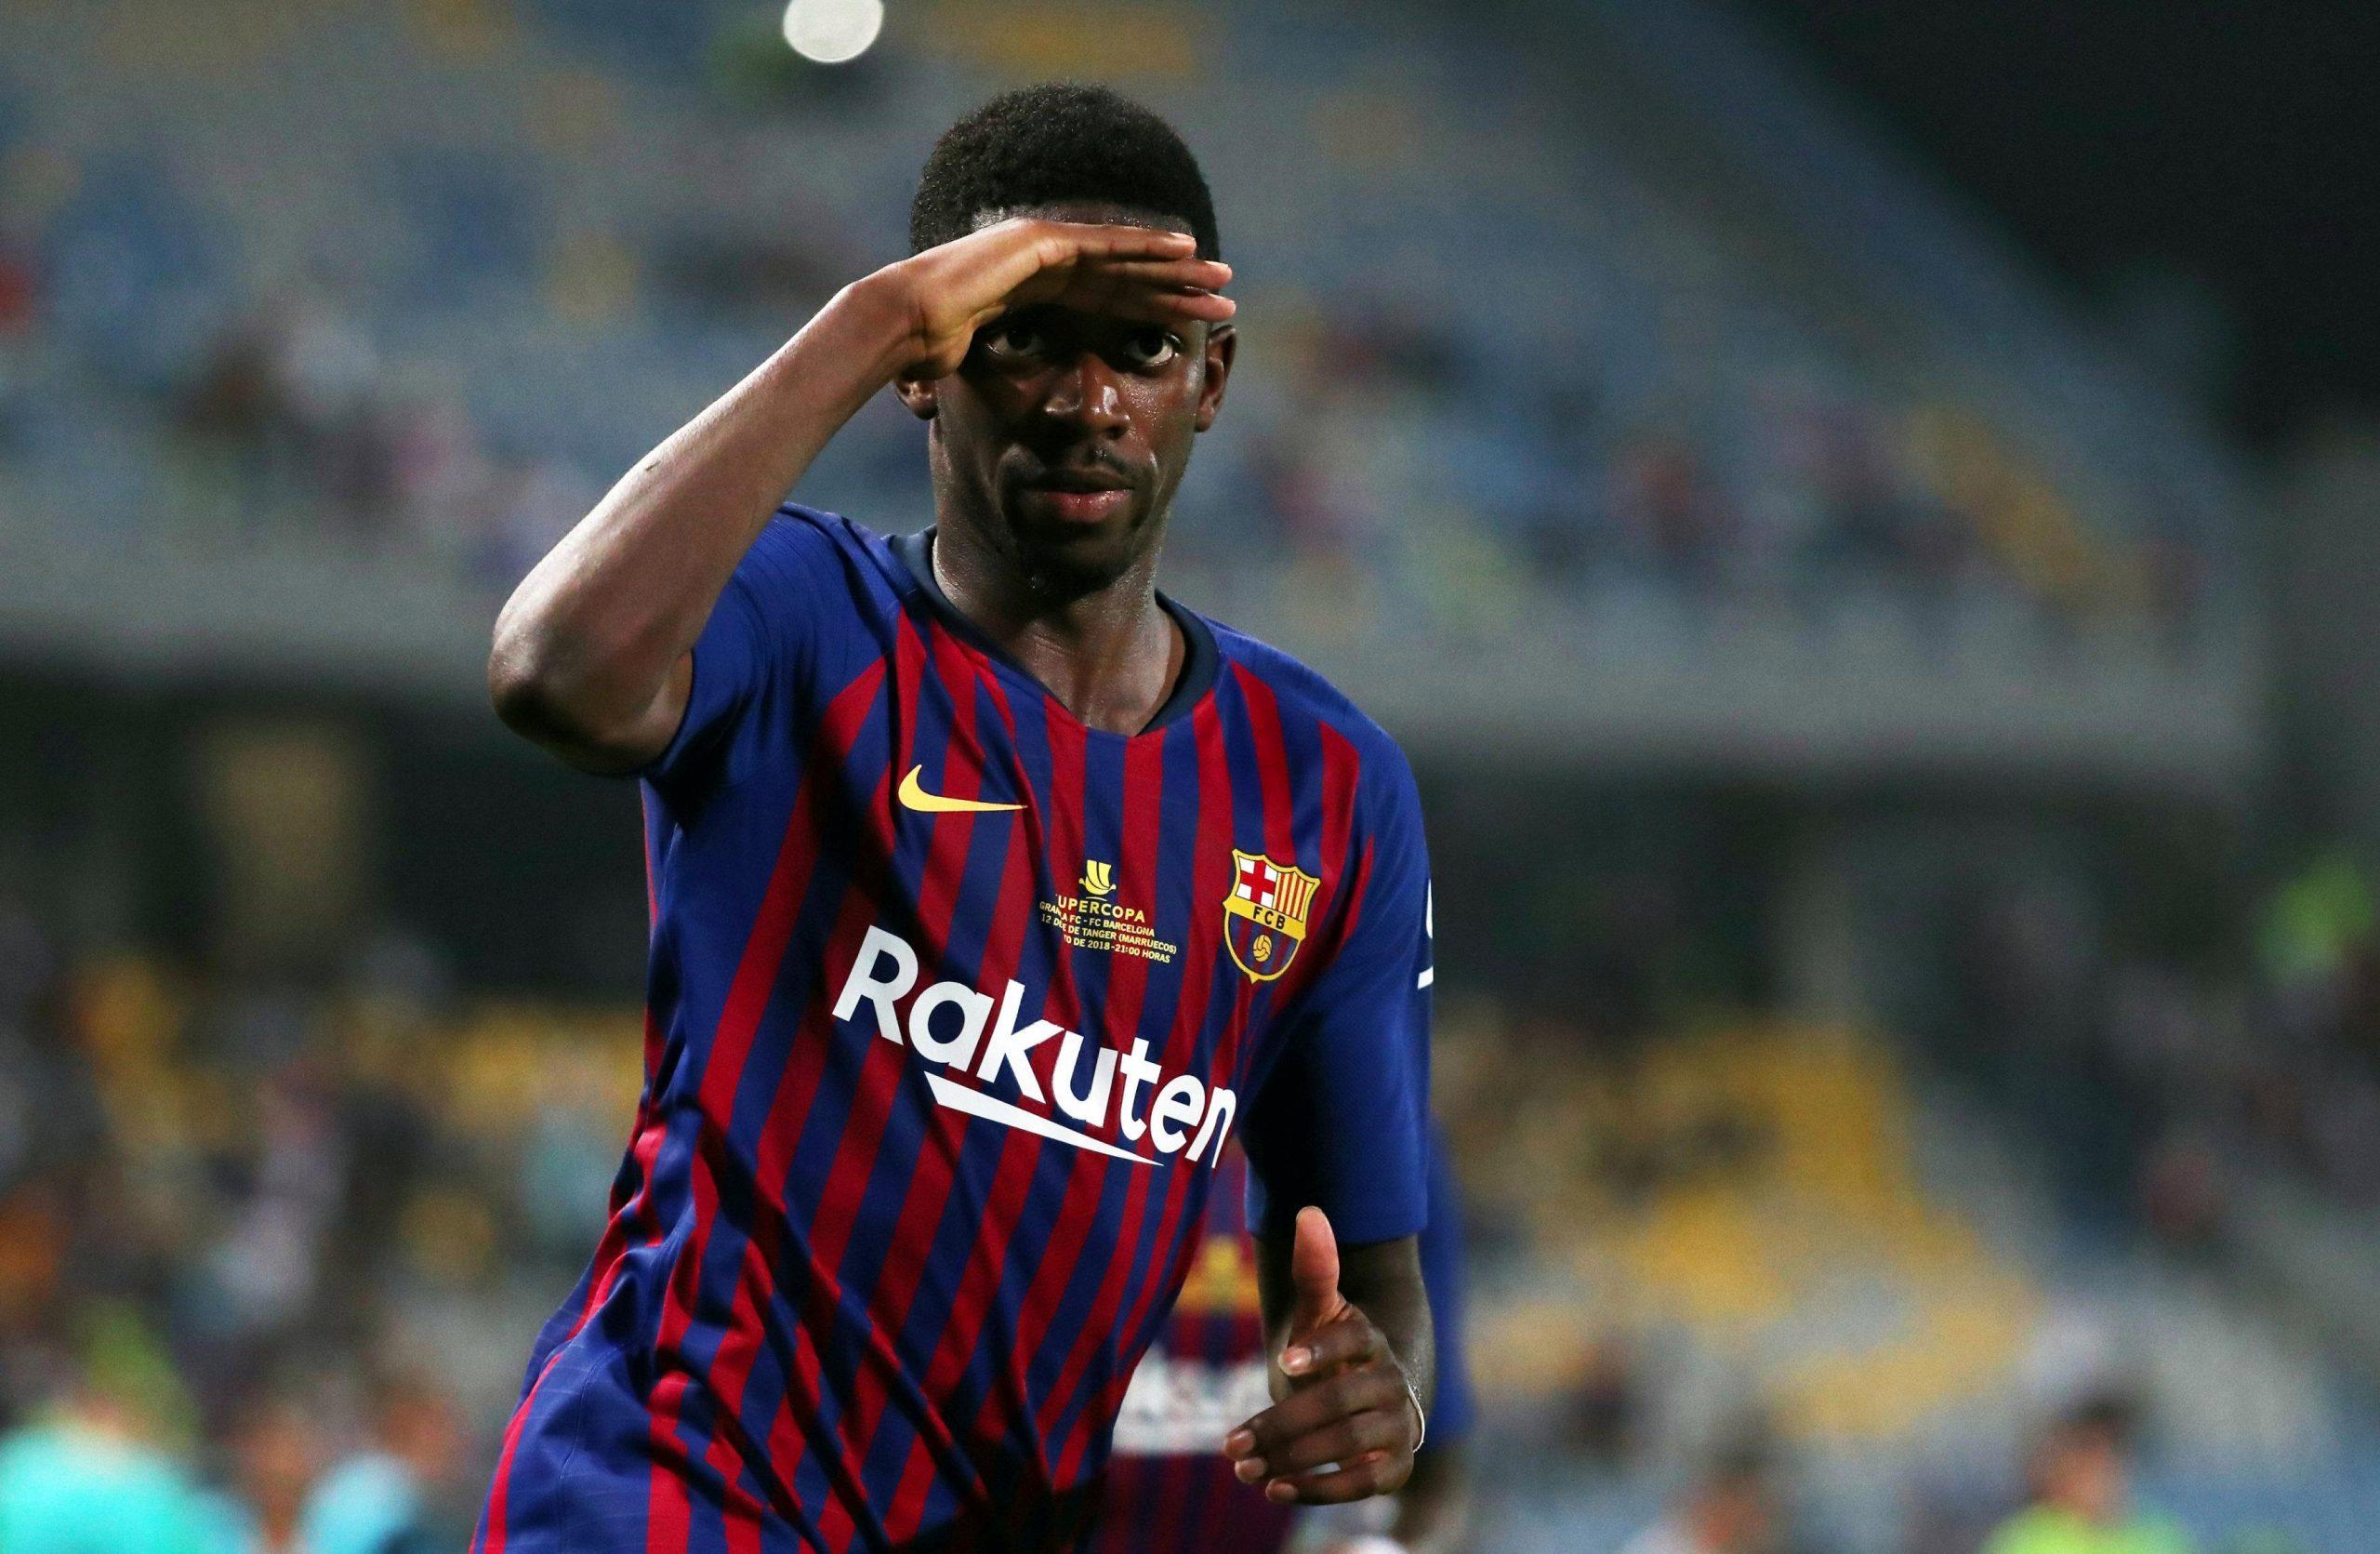 Triumfon Barcelona në 'Sanchez-Pizjuan', nxehet gara për titull